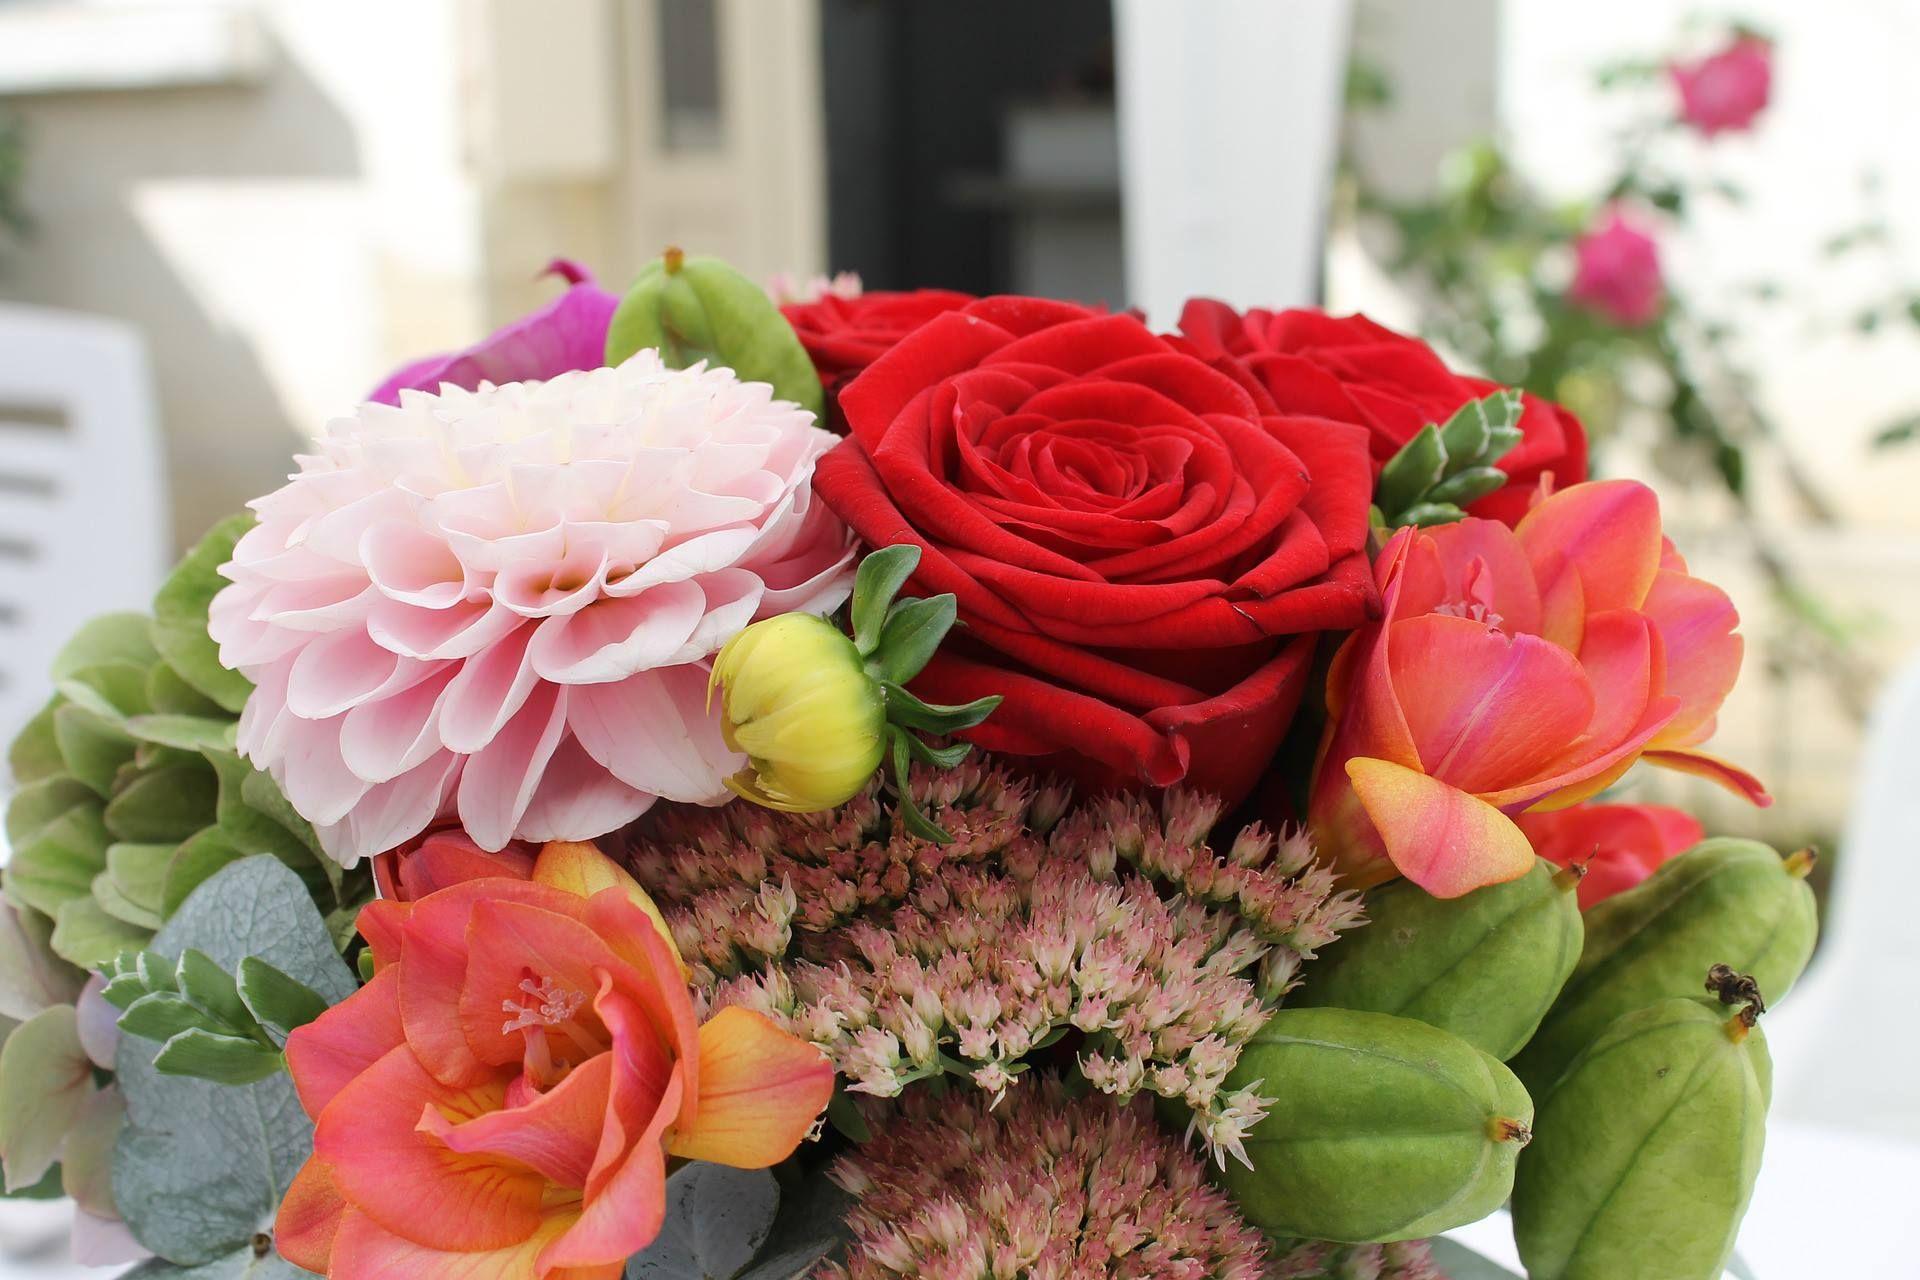 Bateu saudade de quem está morando longe? Mostre o quando você está pensando na pessoa, enviando flores! A FloraWeb atende 160 países, nos 5 continentes! E a entrega é em 48h! http://buff.ly/1McoD4a #FloraWeb #Flowers